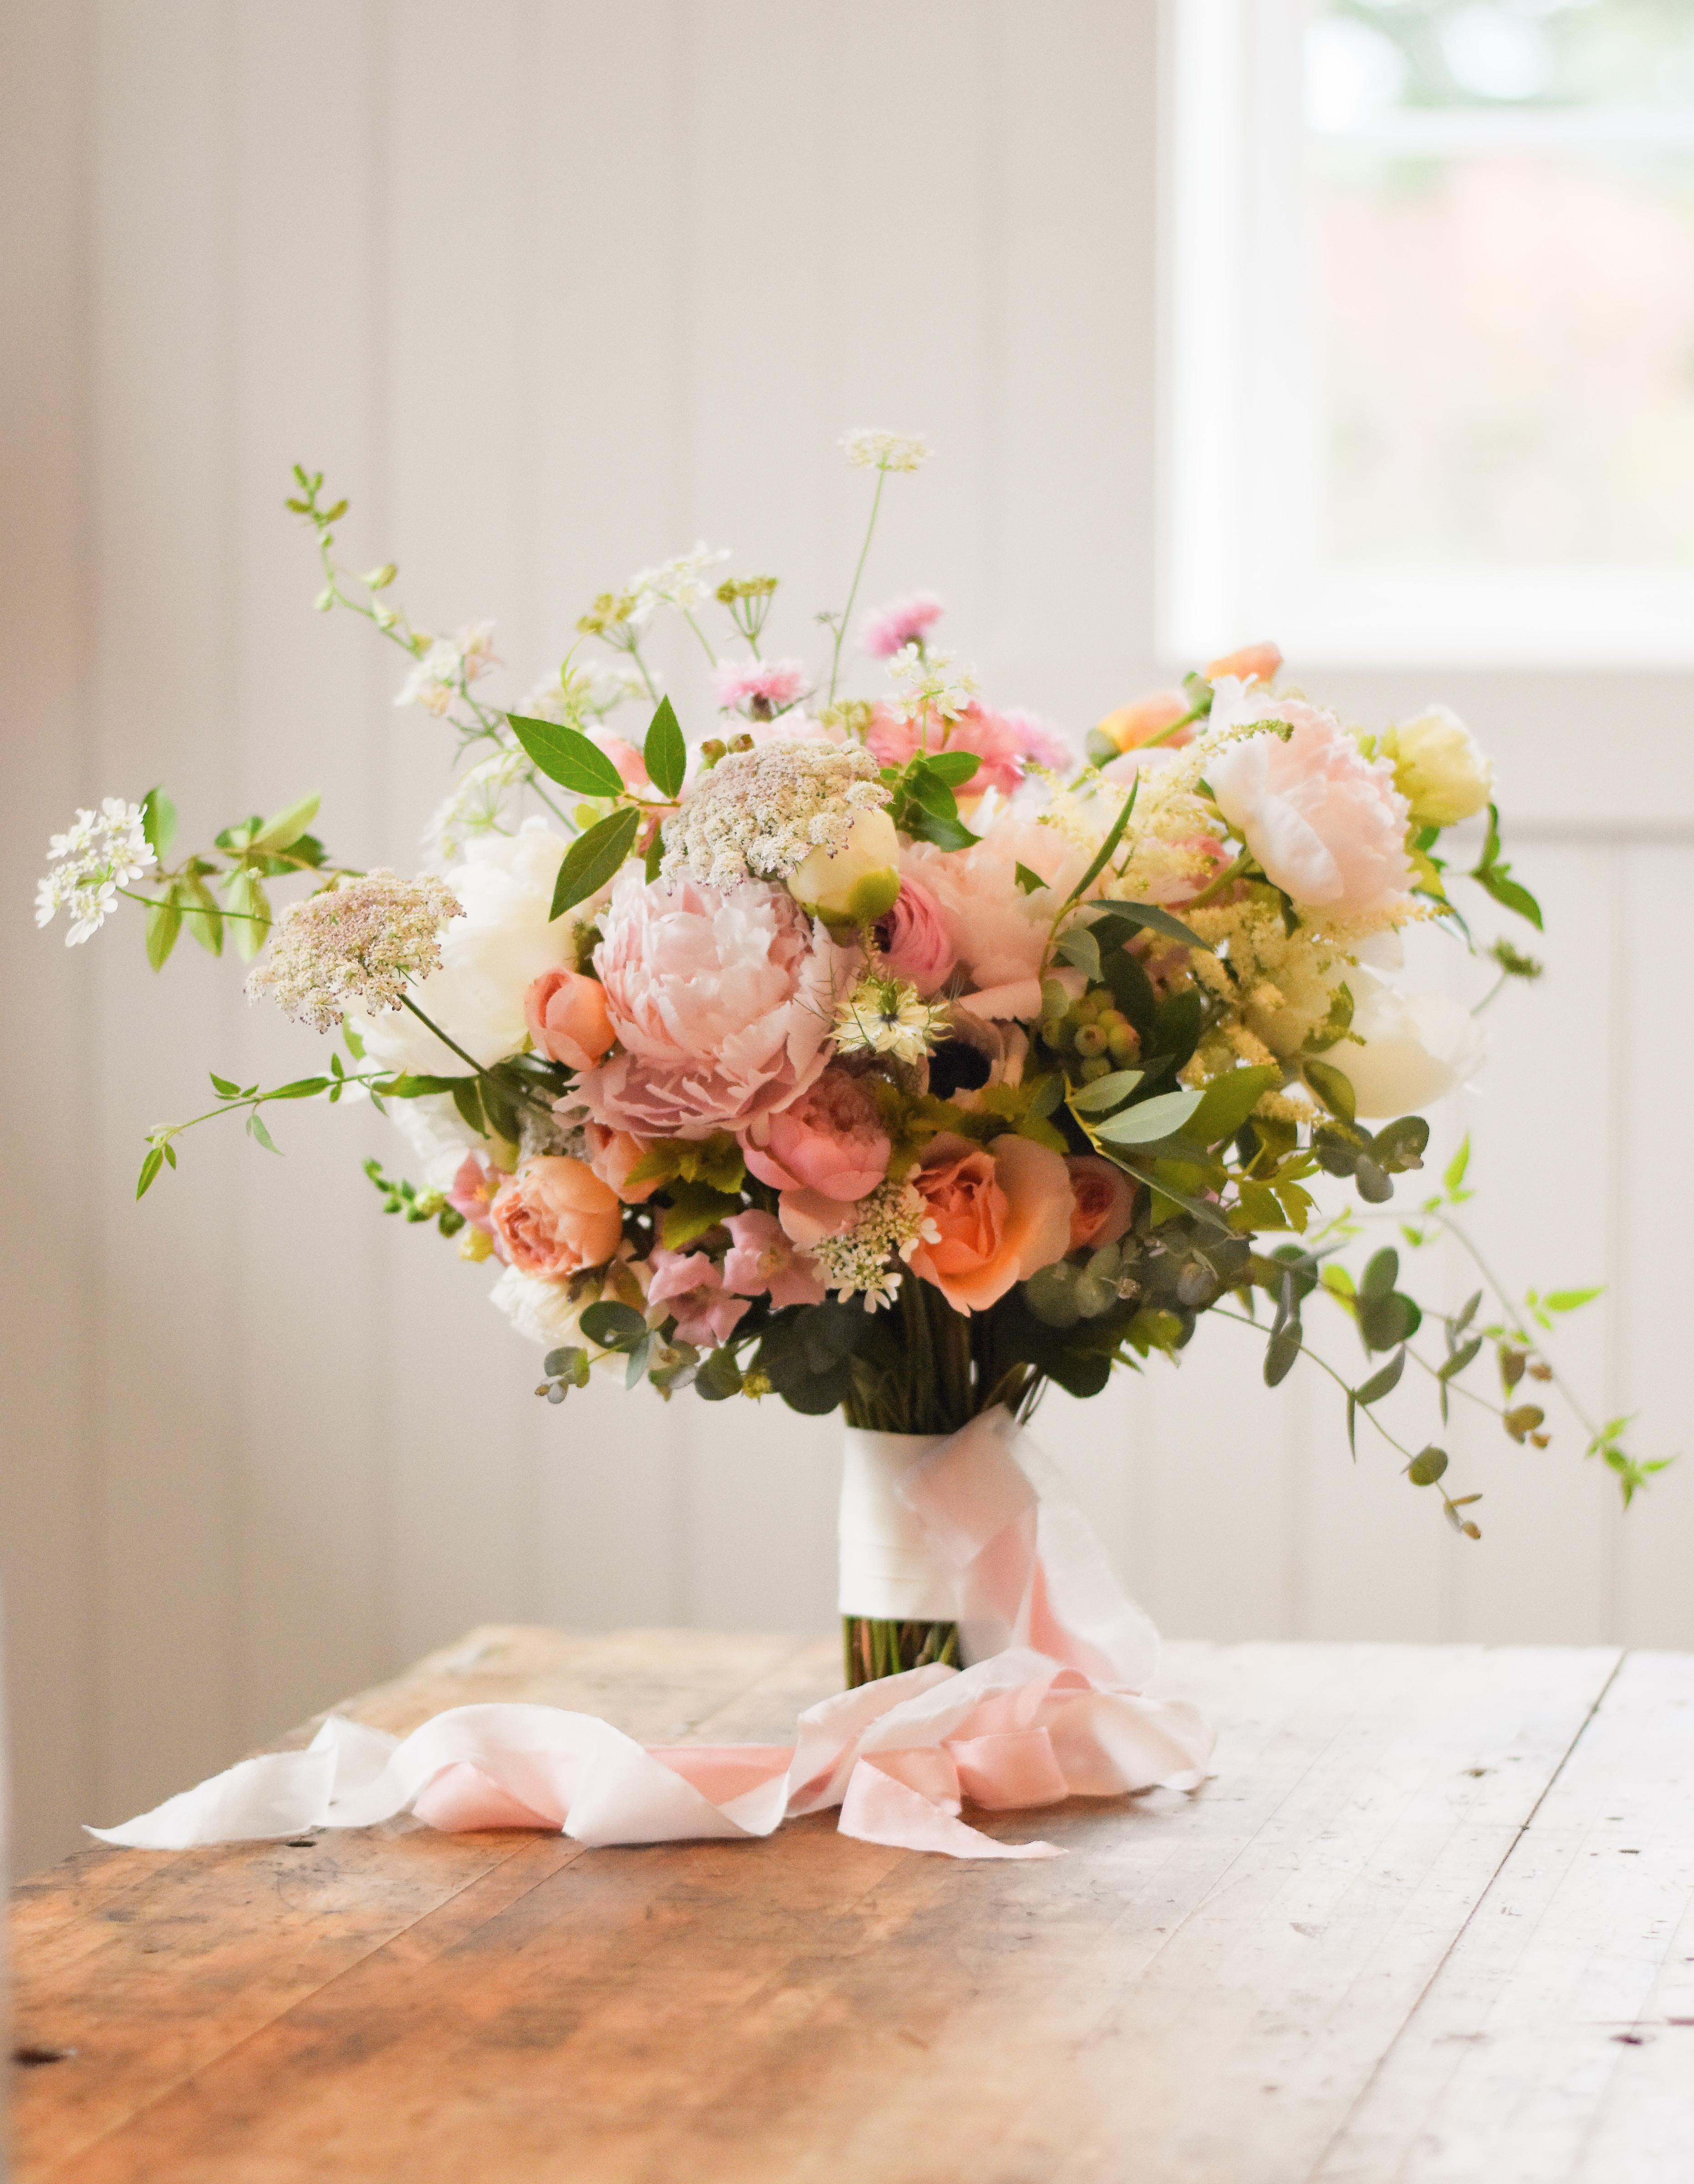 Julie's bouquet 06.19